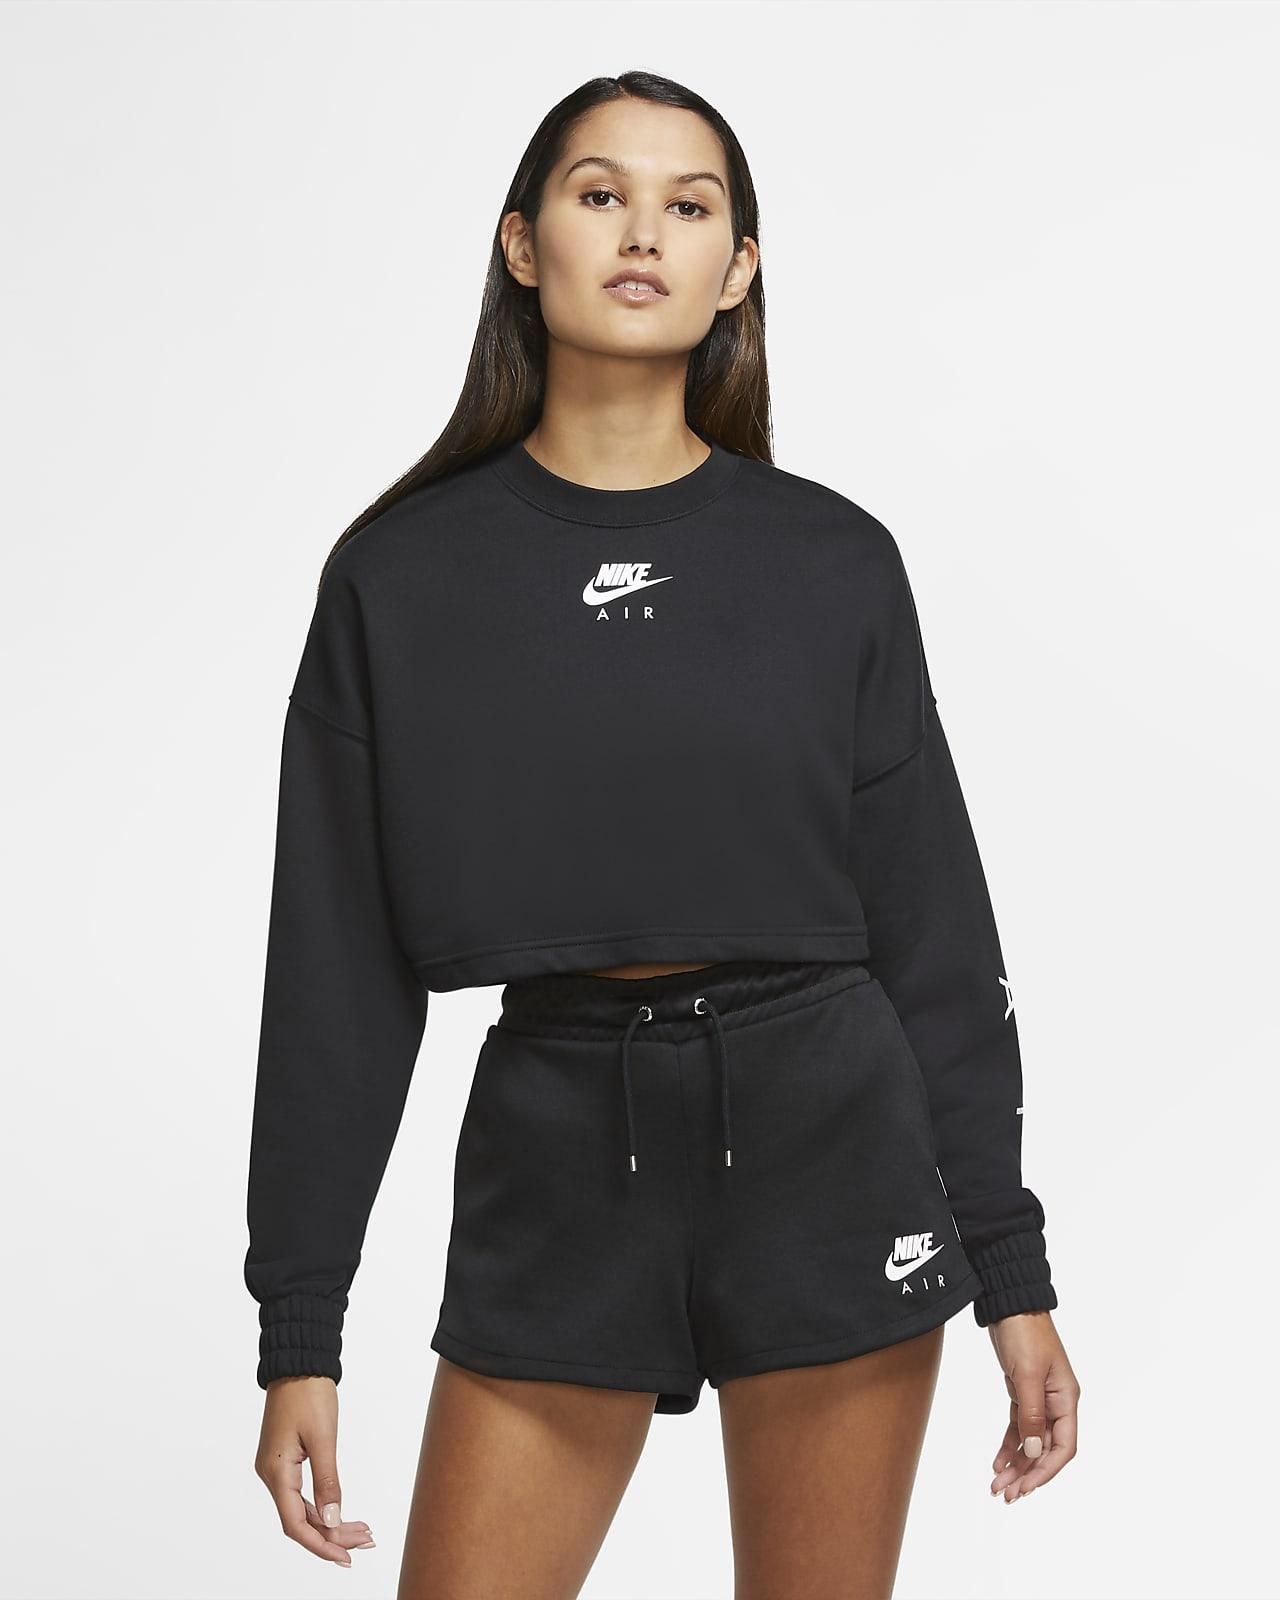 Nike Air kerek nyakkivágású, rövid szabású női polárpulóver